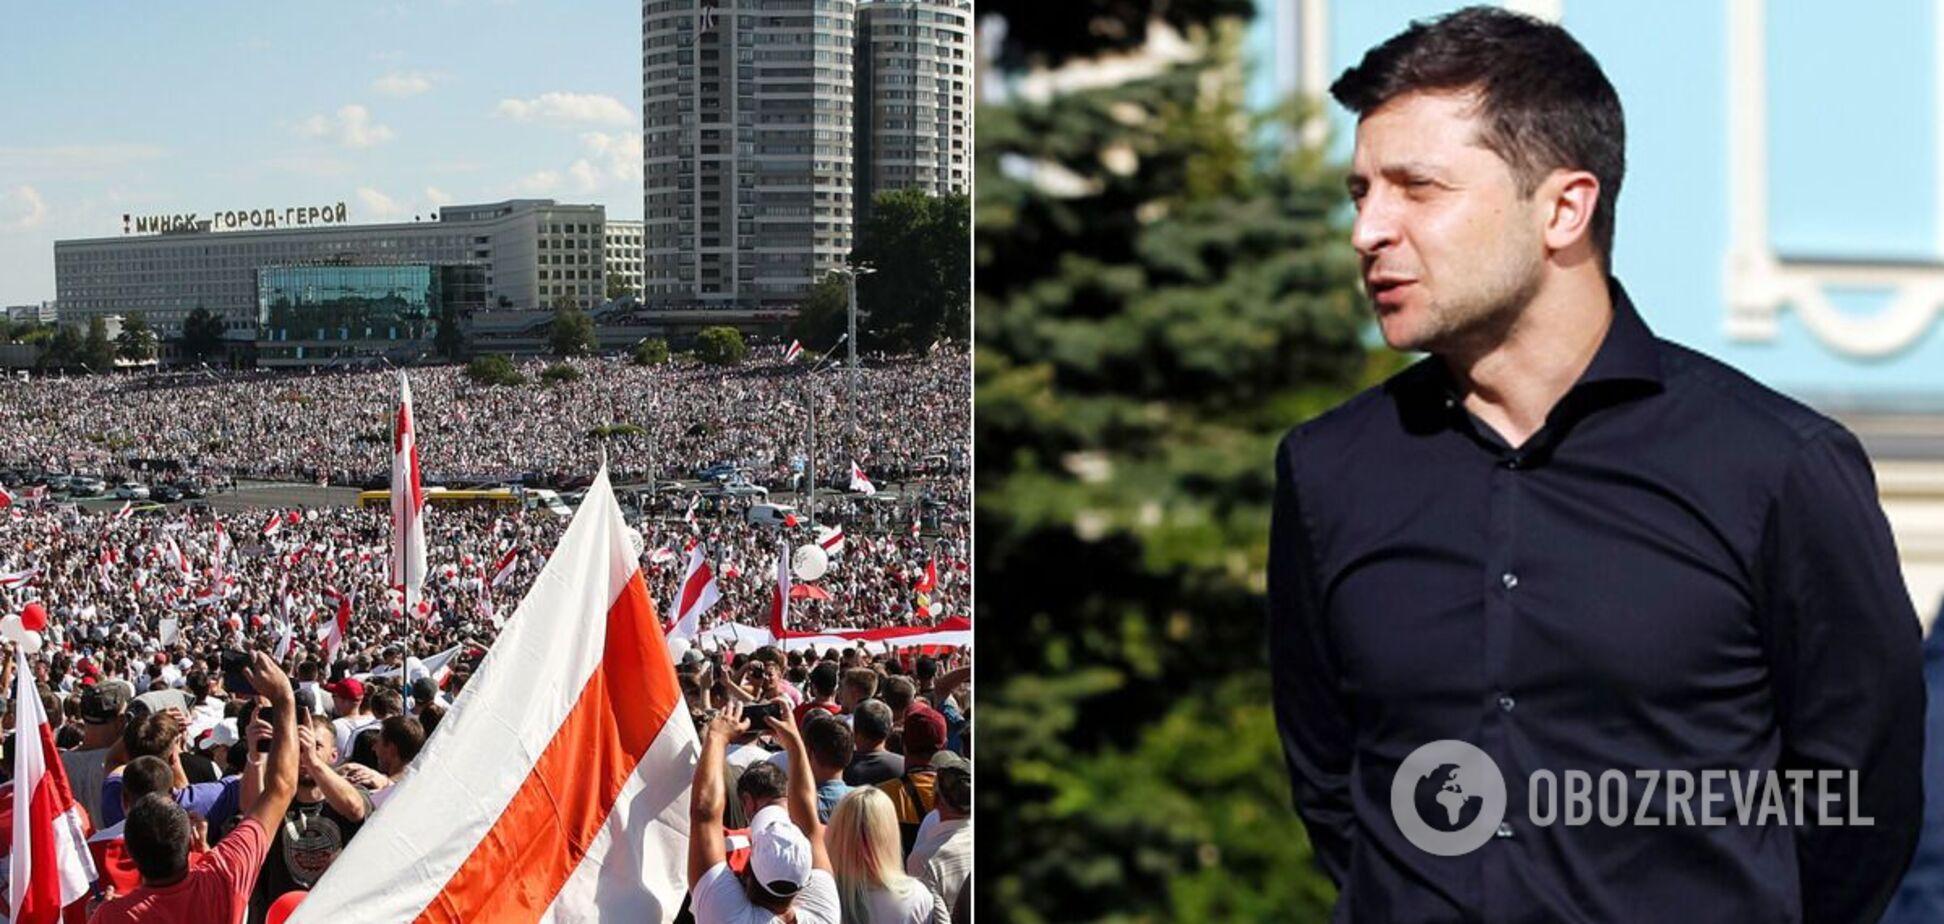 Почему Зеленский не отрицает выборы в Беларуси. Эксперты назвали угрозы и последствия для Украины